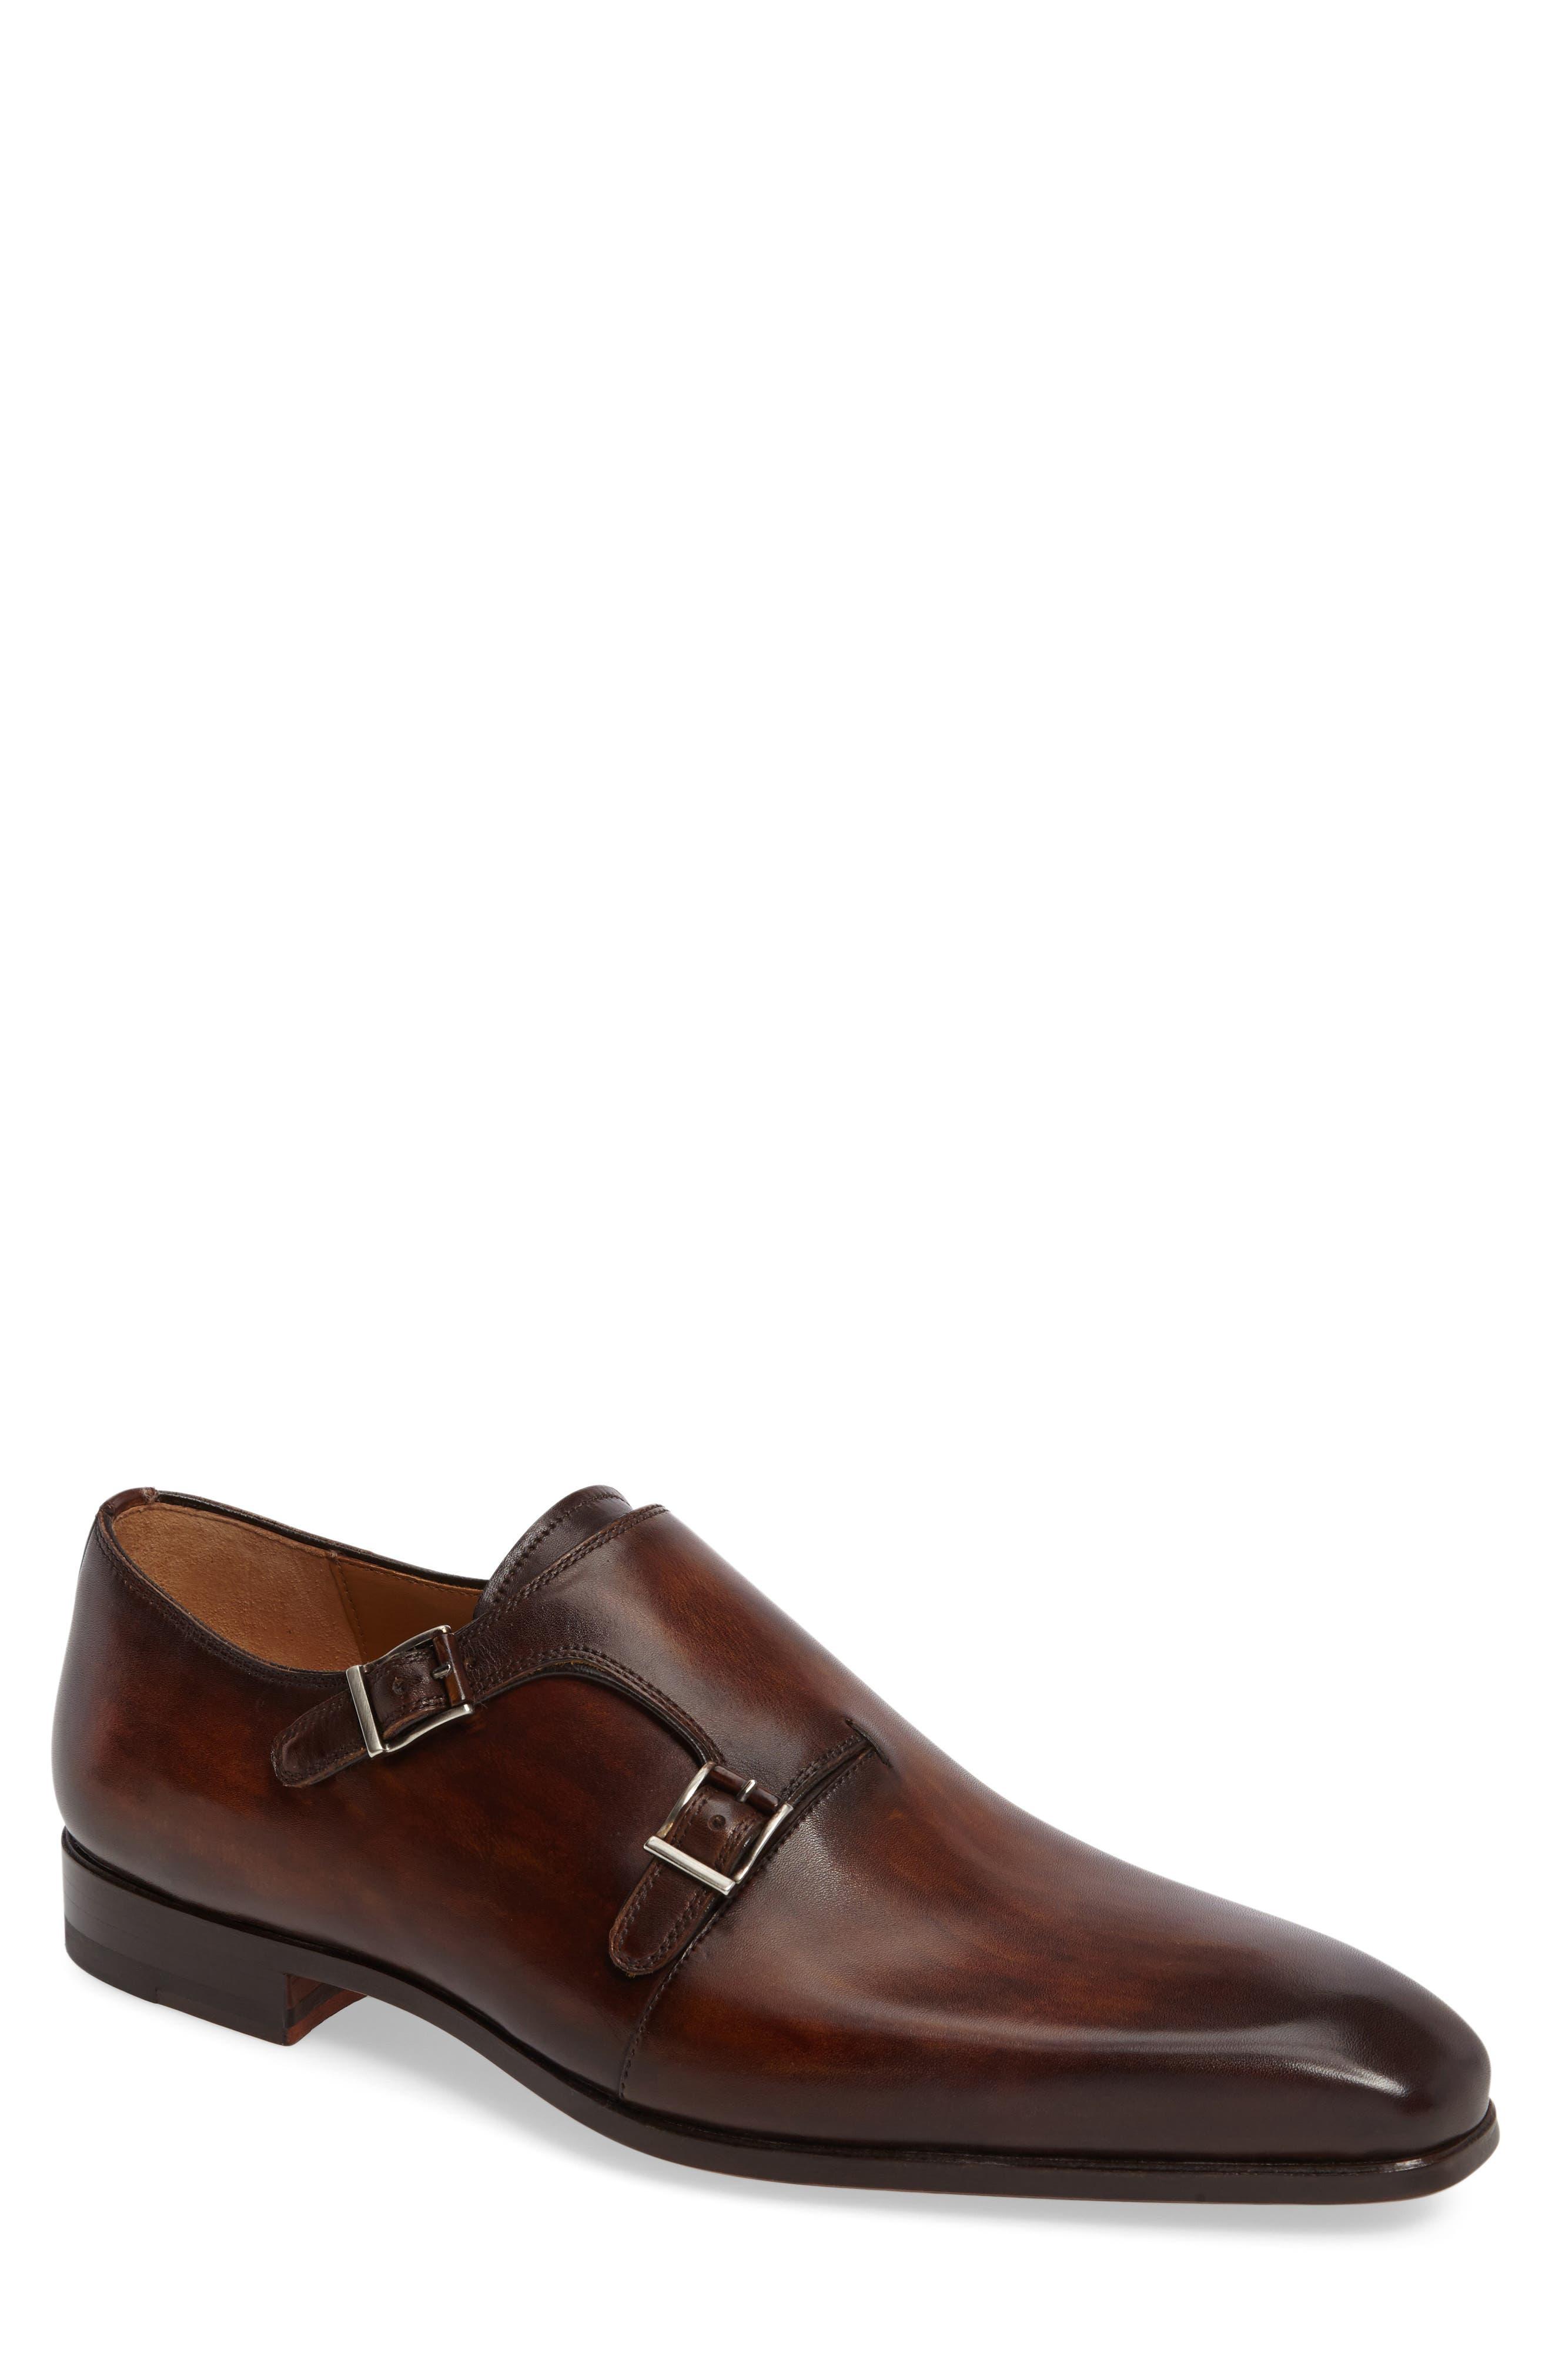 Jamin Double Monk Strap Shoe,                         Main,                         color,